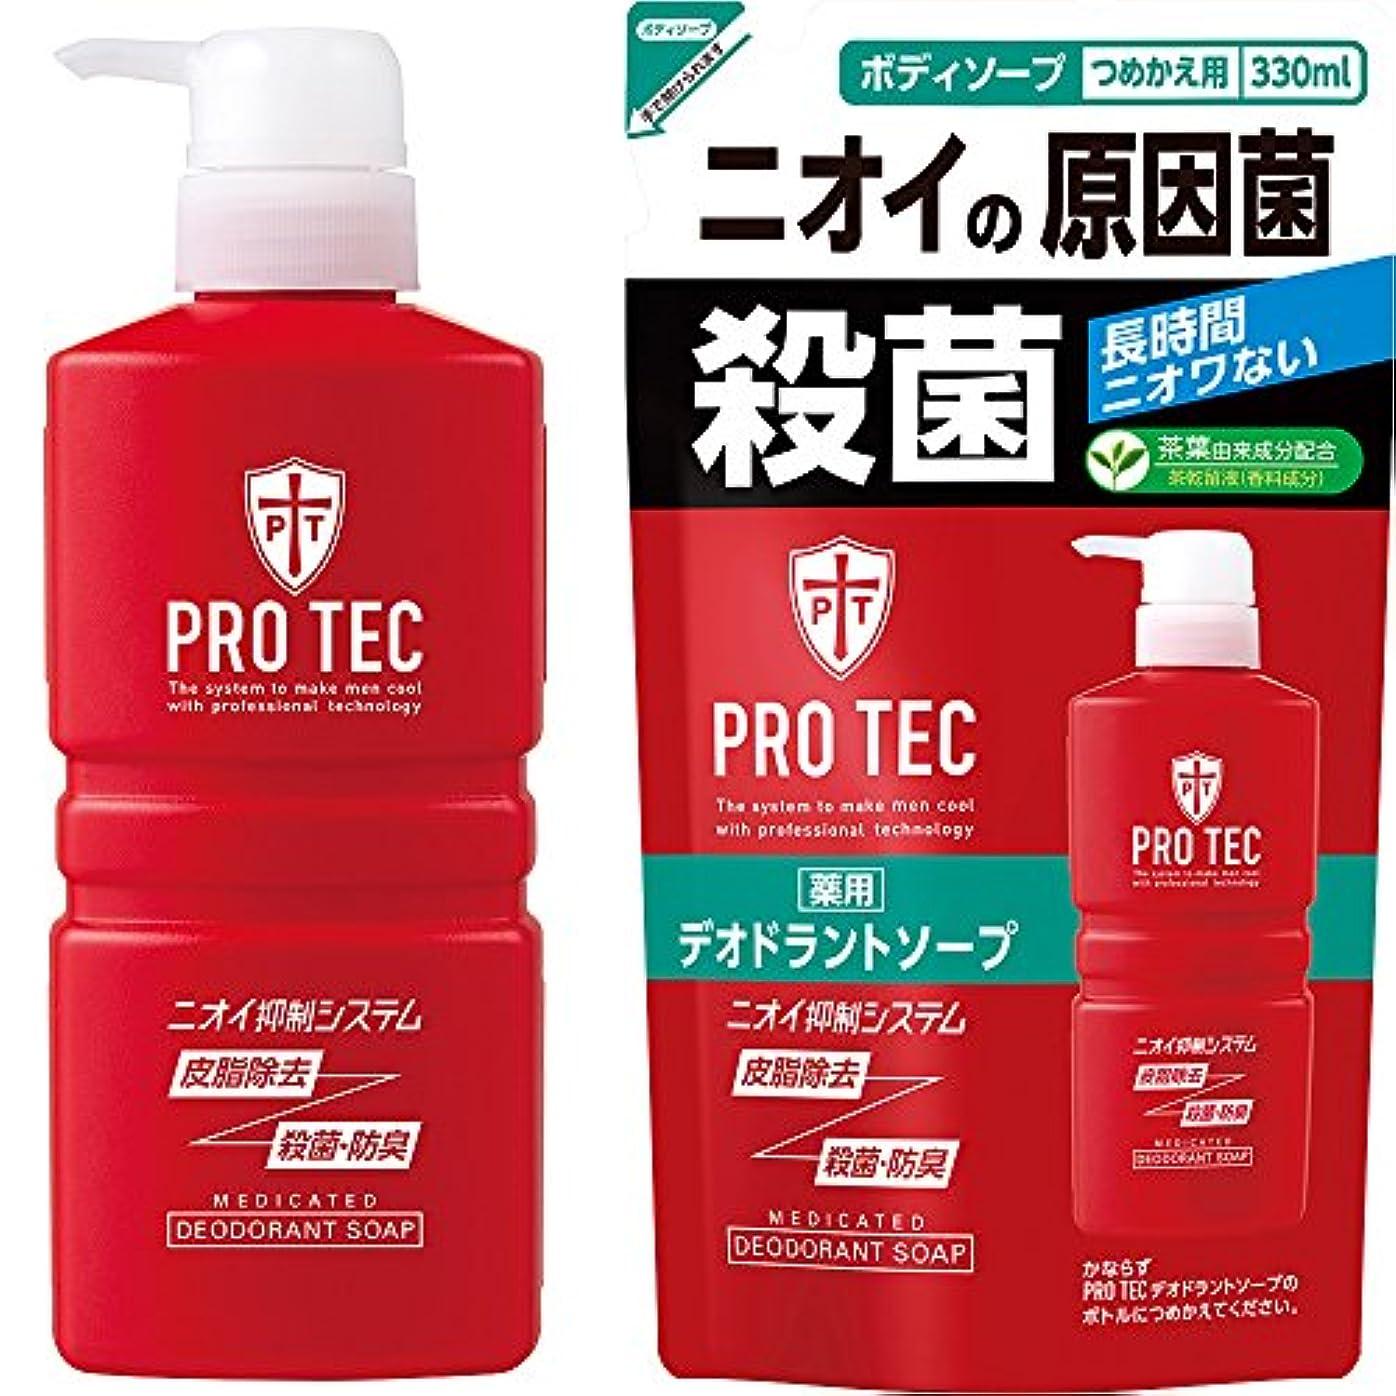 ライナー確実最高(医薬部外品)PRO TEC(プロテク) デオドラントソープ ポンプ420ml+詰め替え330ml